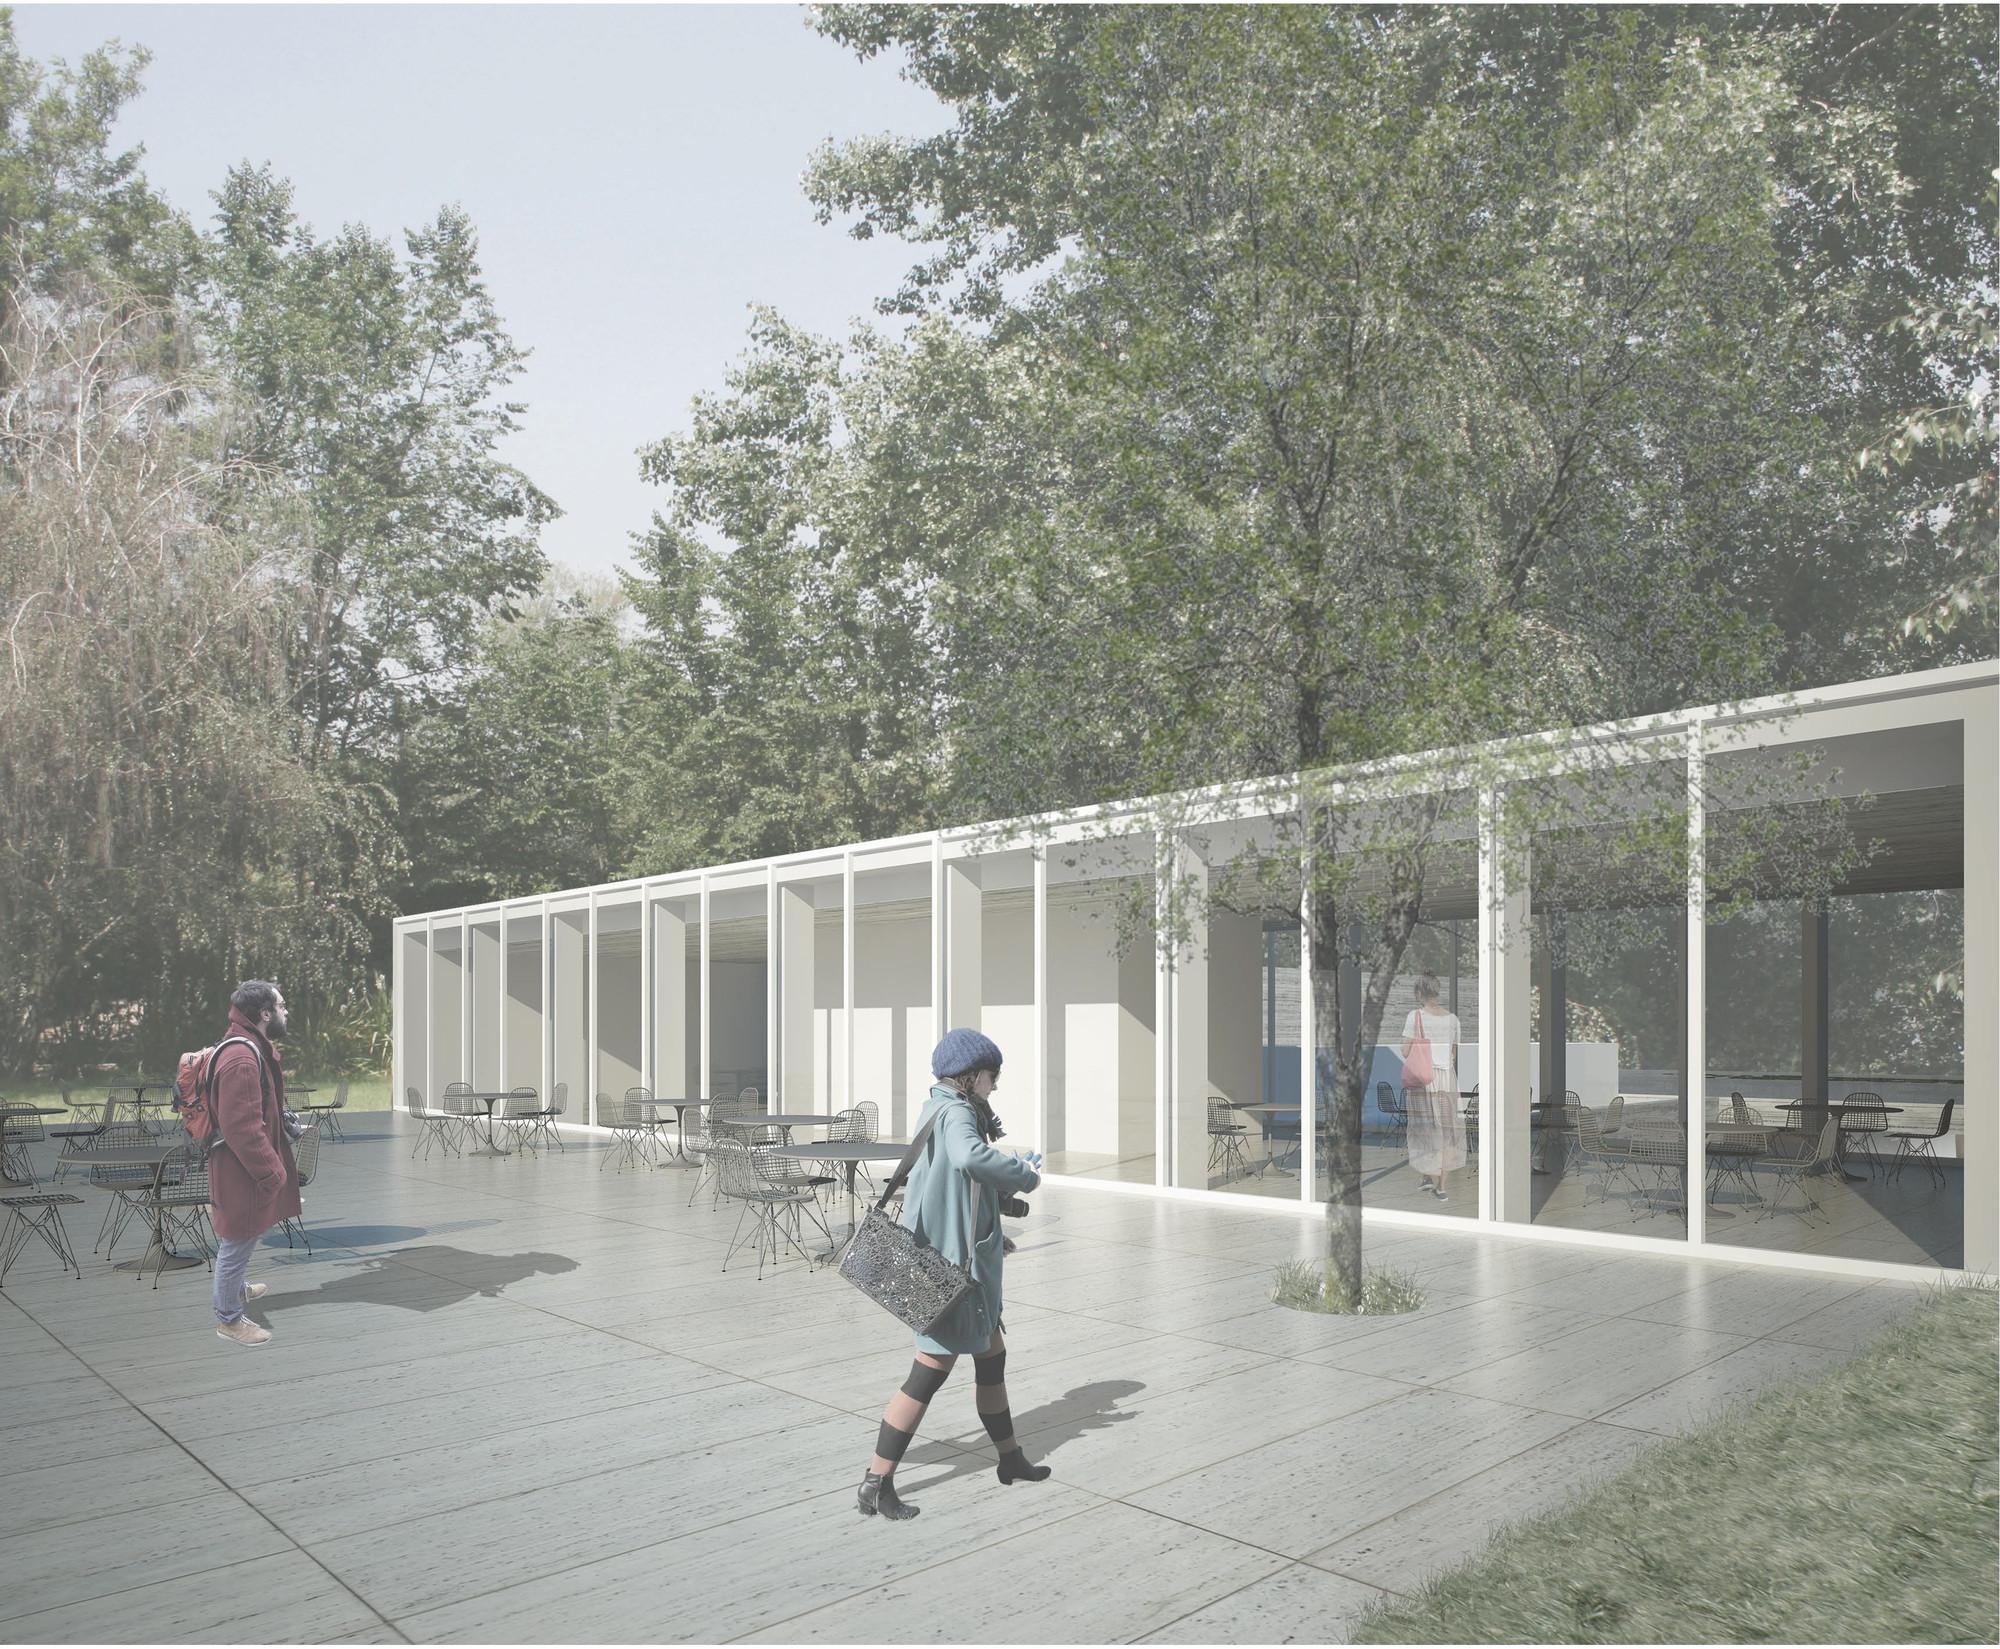 Terraza y cafetería. Image Courtesy of Albert Tidy Arquitectos